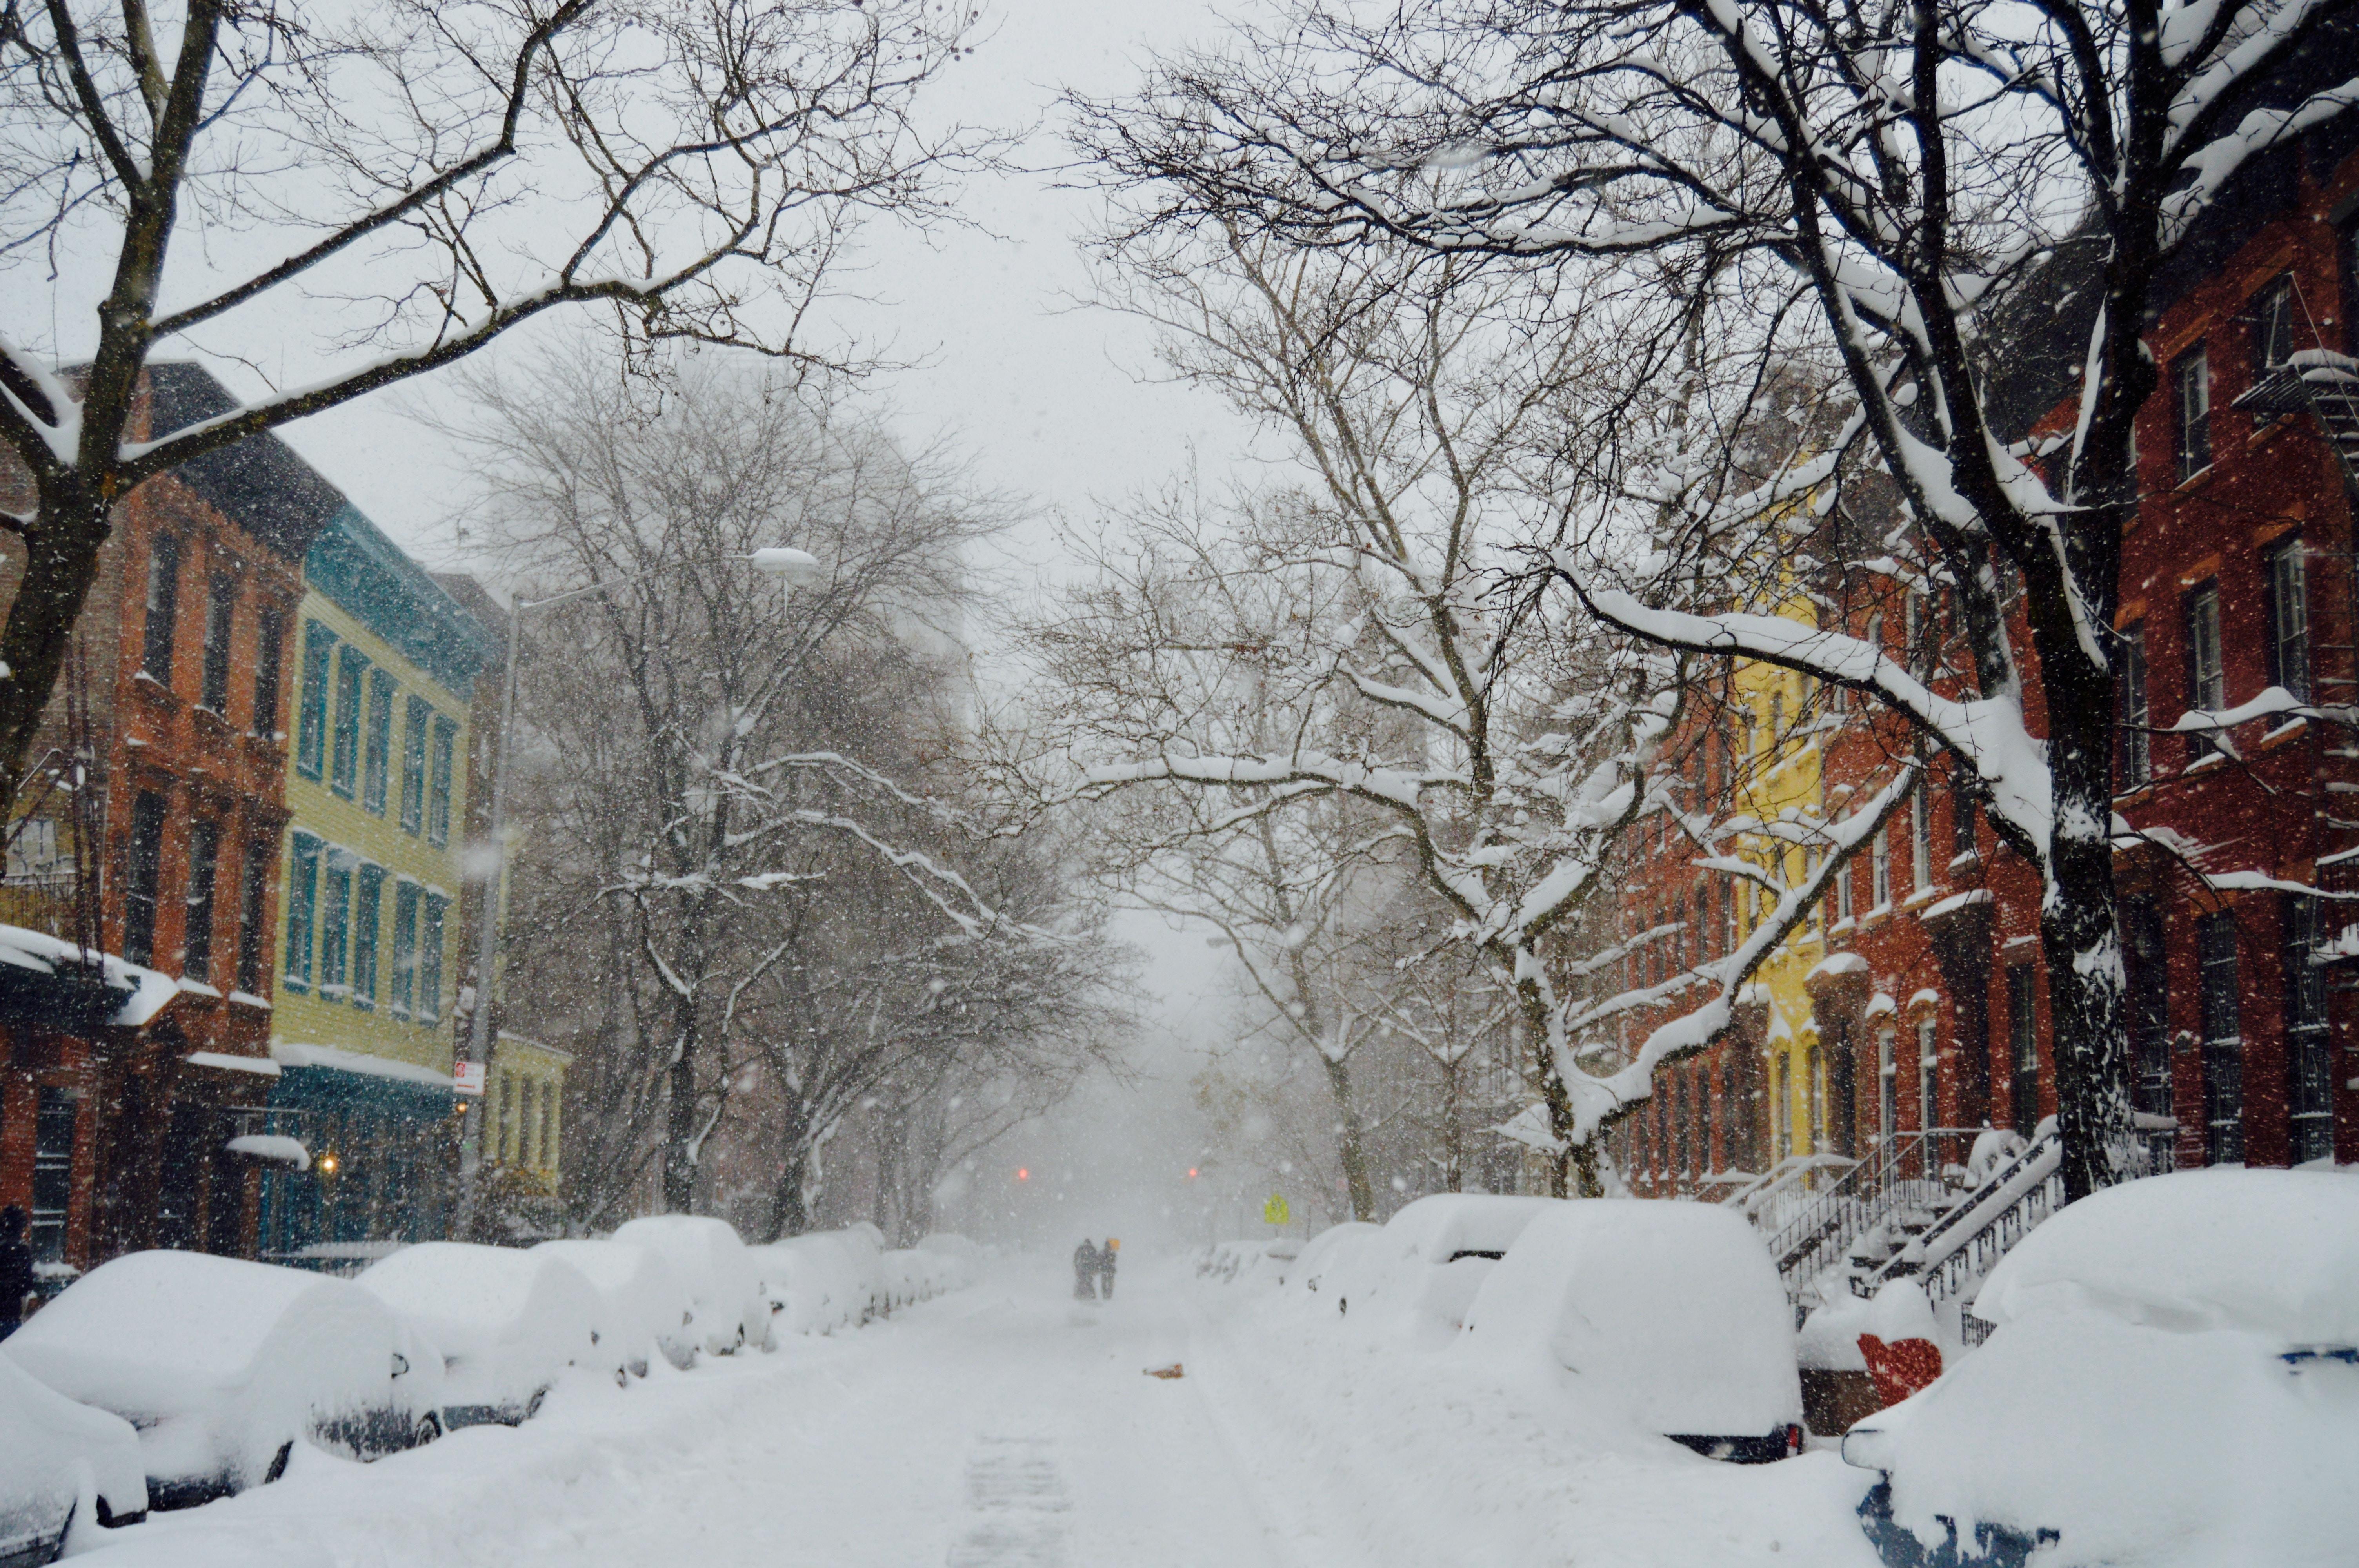 Mehr als 60 Städte und Dörfer in der Ukraine wegen Unwetter ohne Strom